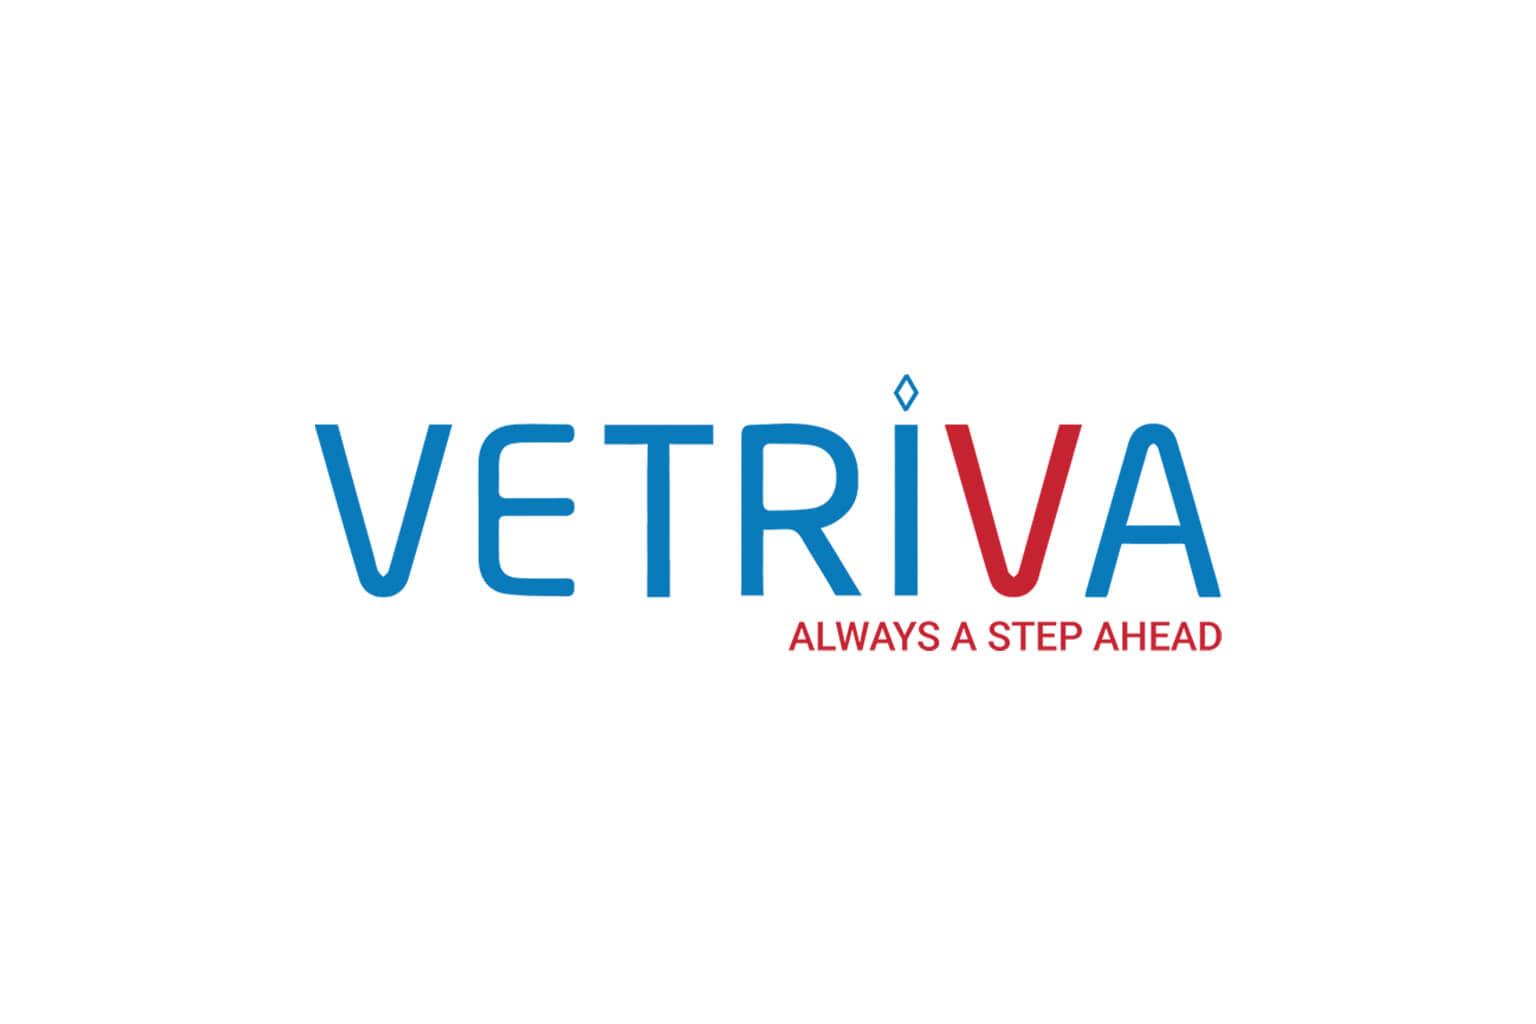 Vetriva Enterprise Solutions Pte Limited